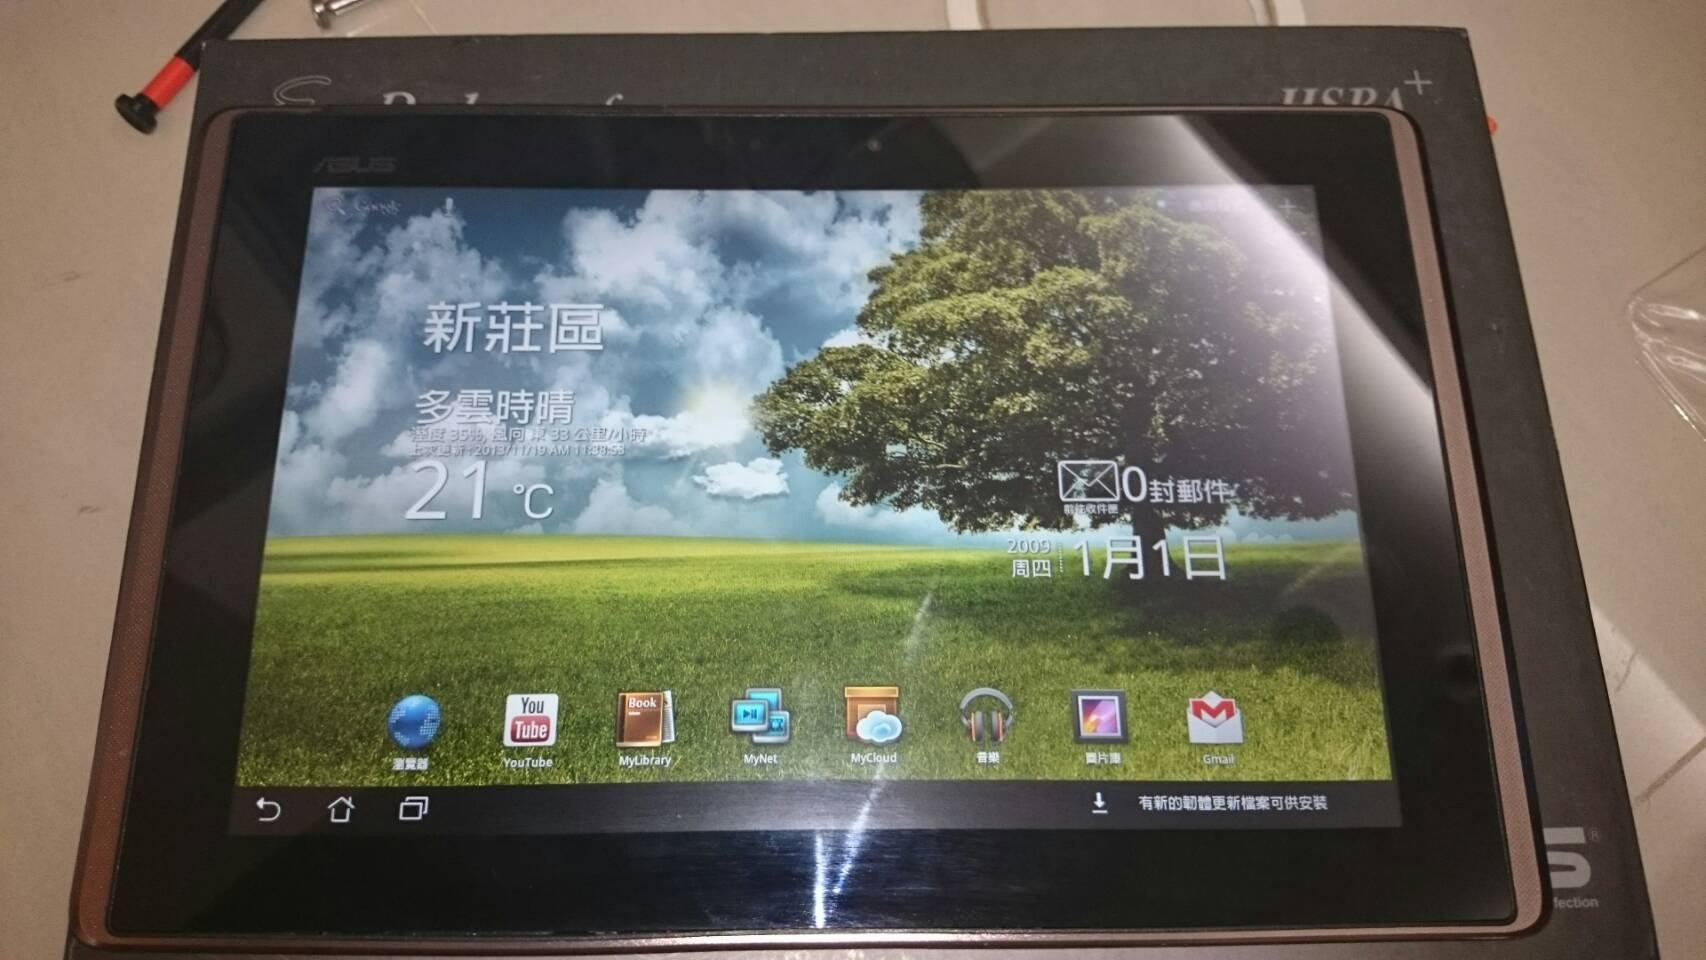 近全新 10吋 變型平板 asus Eee pad transformer tf101 附盒裝 鍵盤